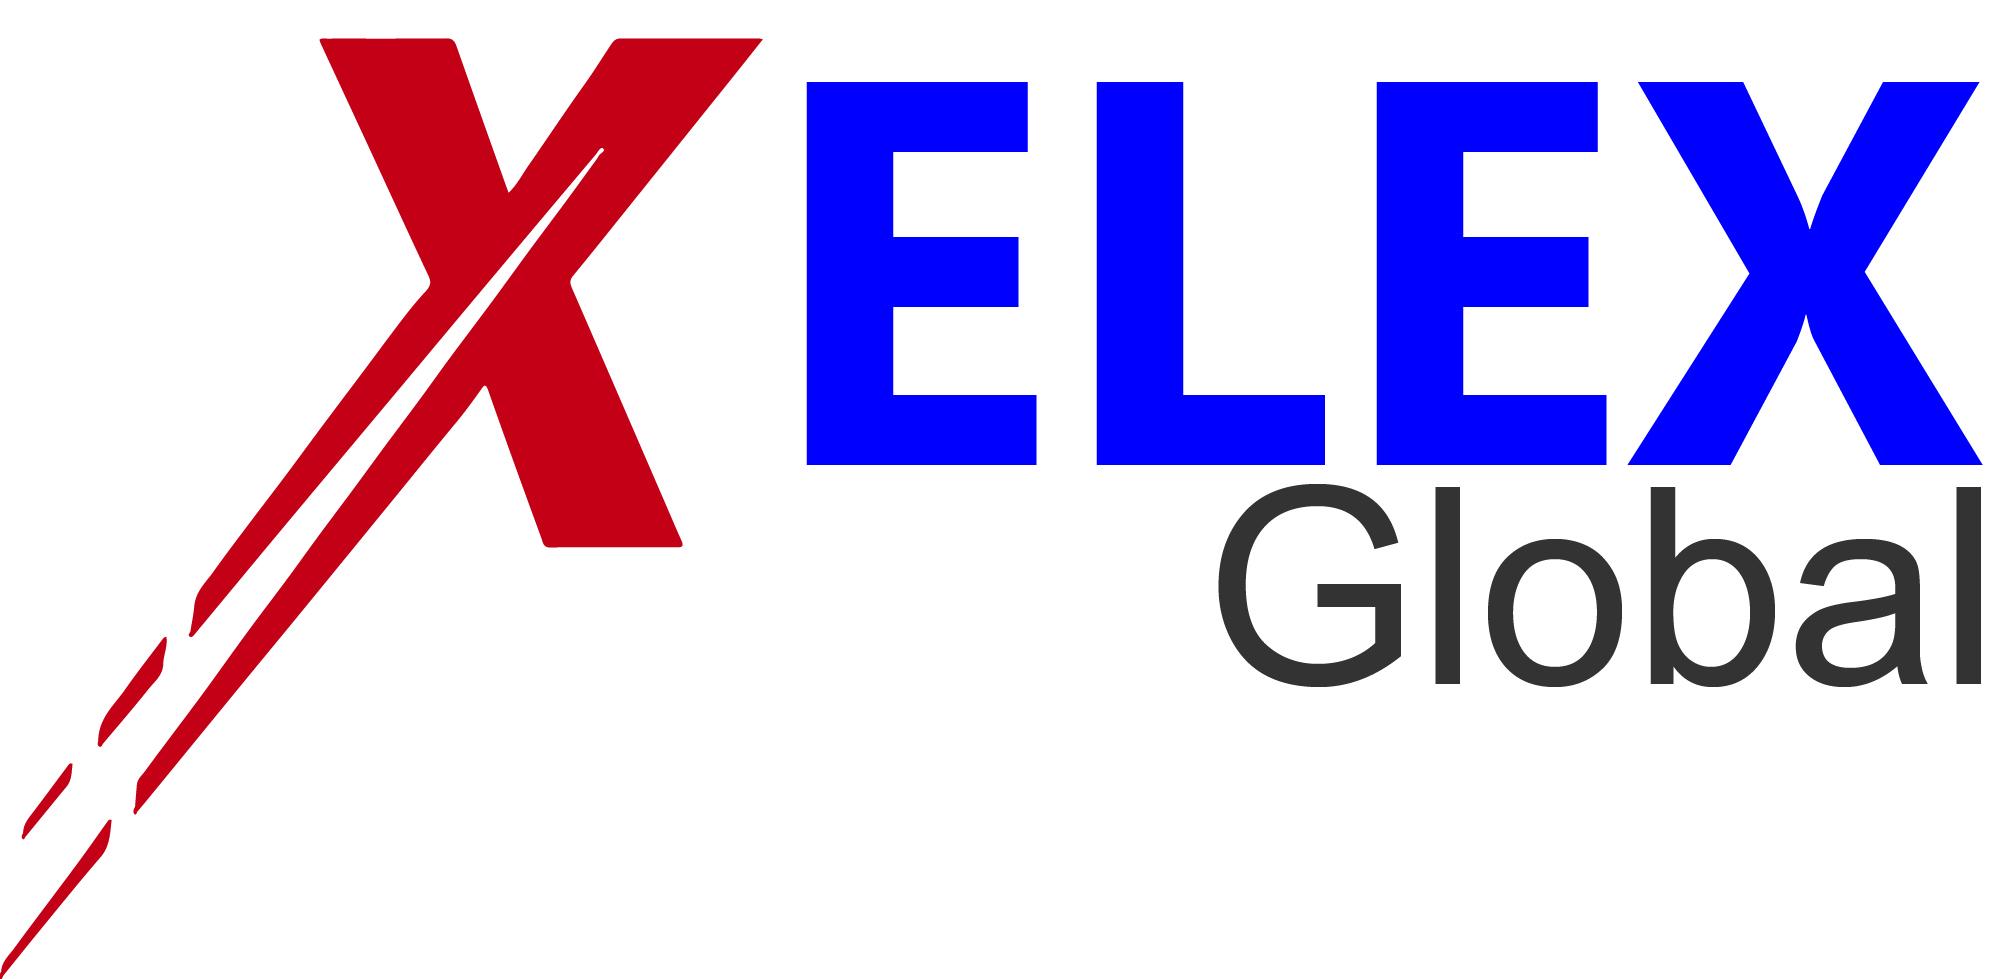 Xelex Global Ltd